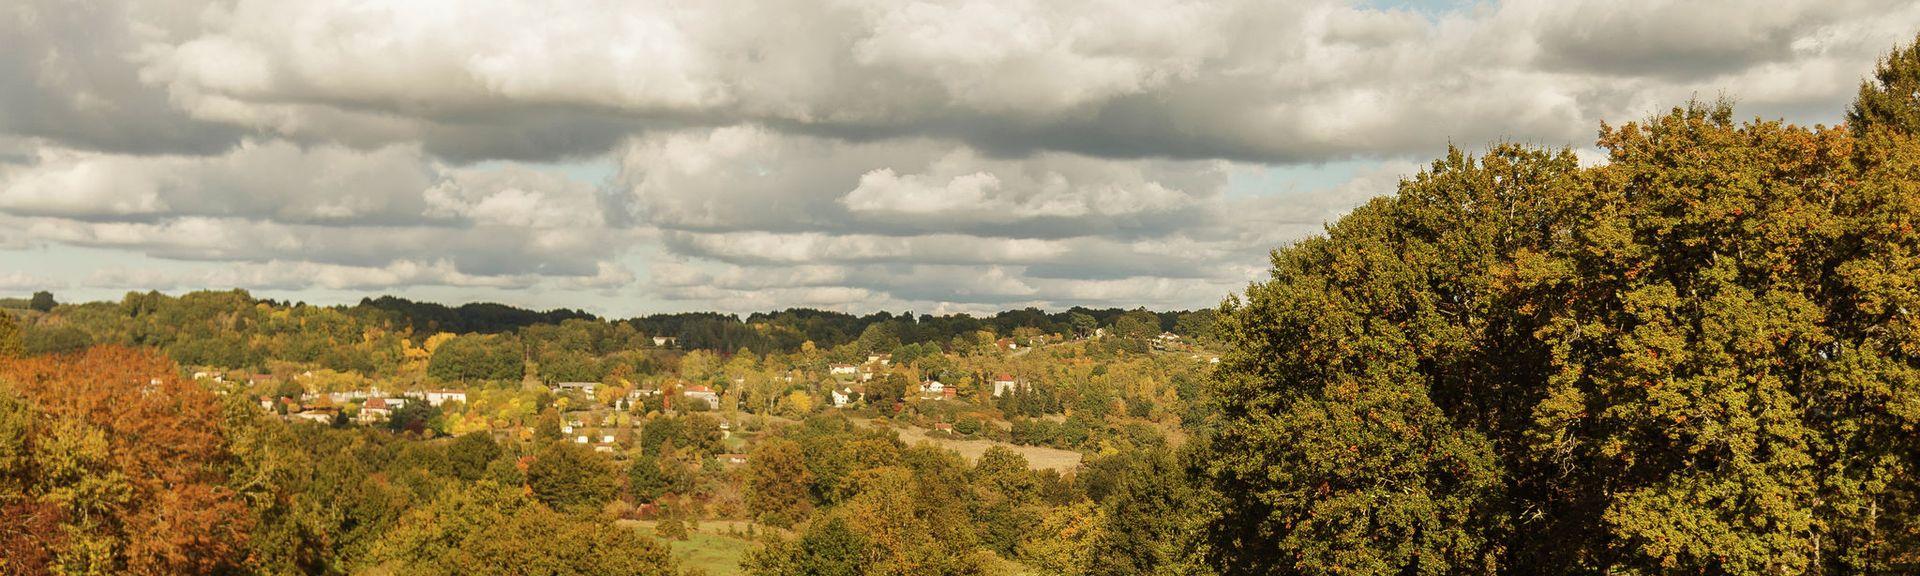 Campagnac-lès-Quercy, Dordogne, Frankrijk